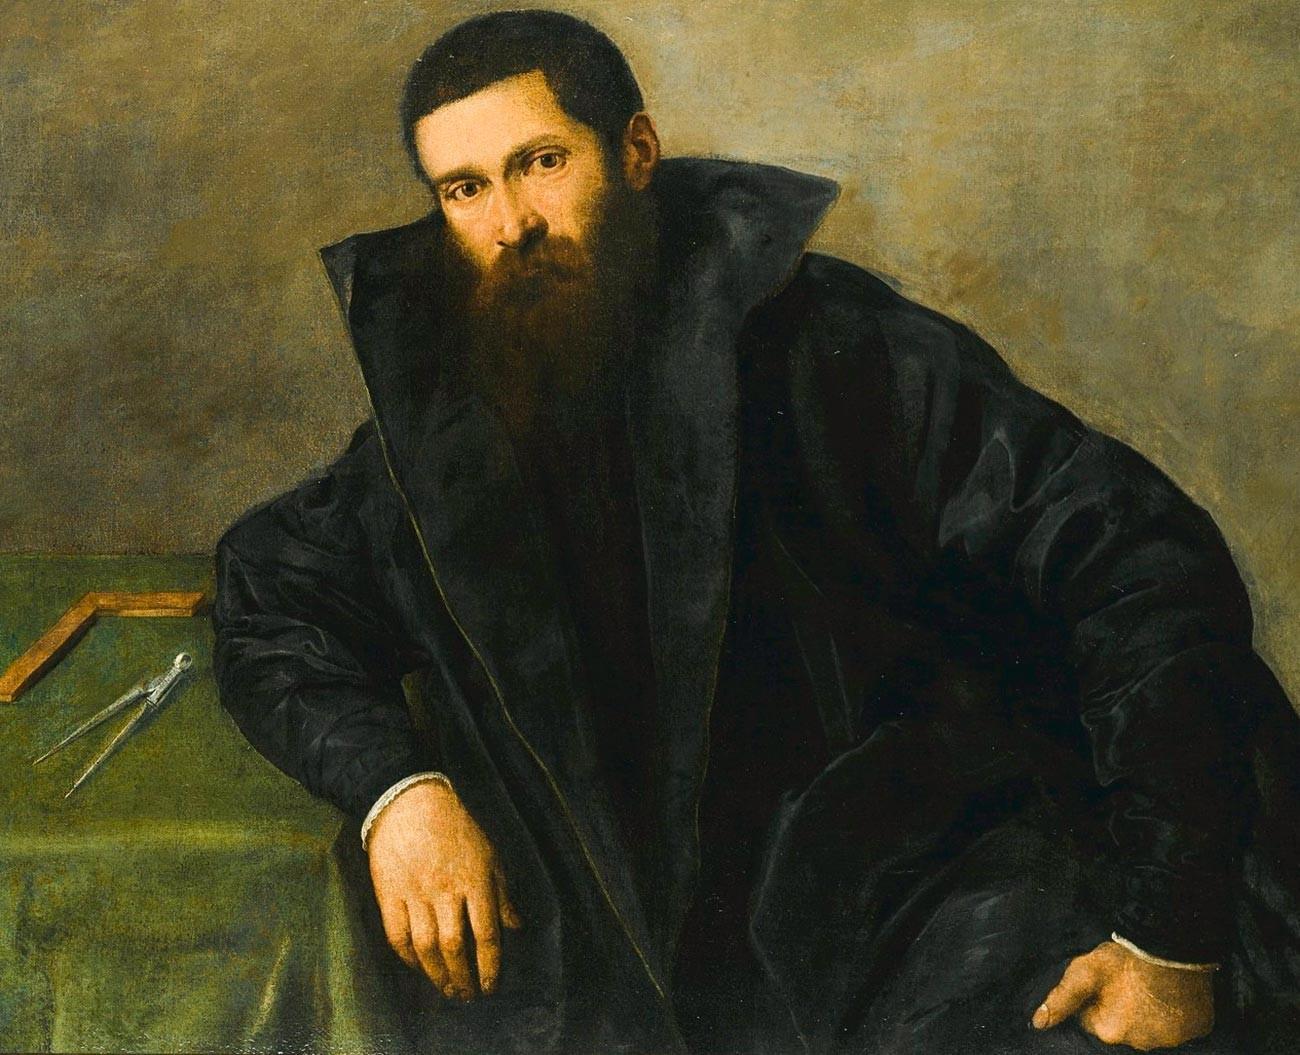 Aristoteles Fioravanti